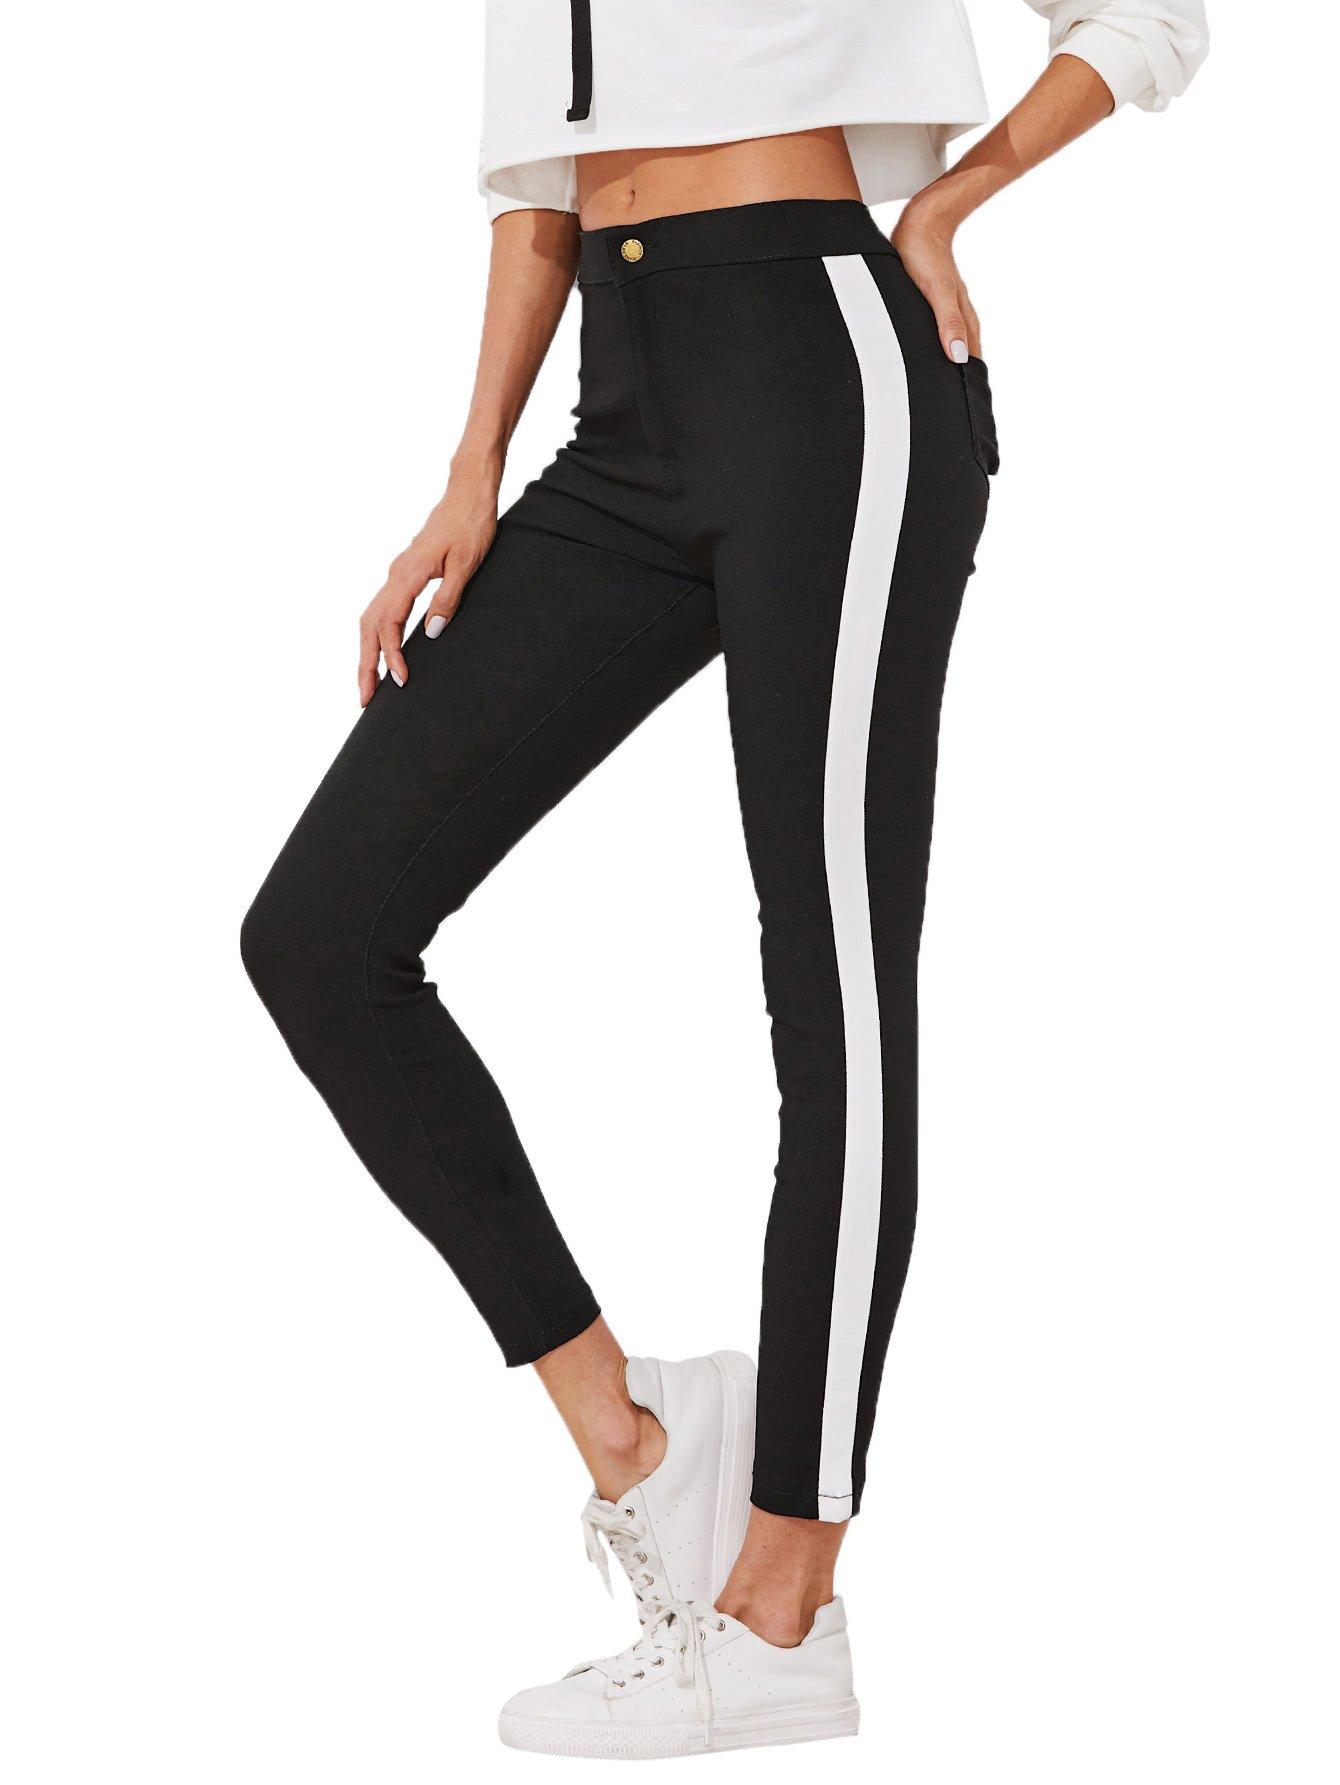 Romwe Women's Slim Mid Waist Zipper Fly Long Straight Pants Striped Side Panel Skinny Ankle Jeans Black S